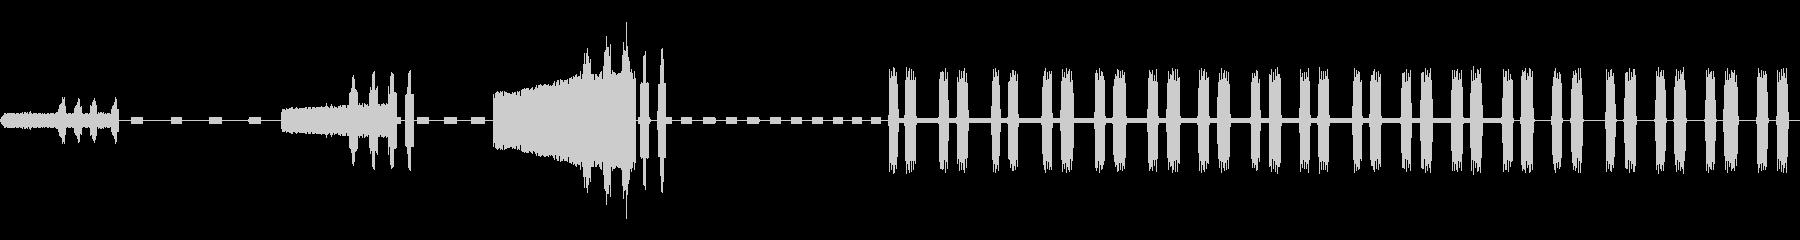 コンピュータテレメトリ:機能シーケ...の未再生の波形